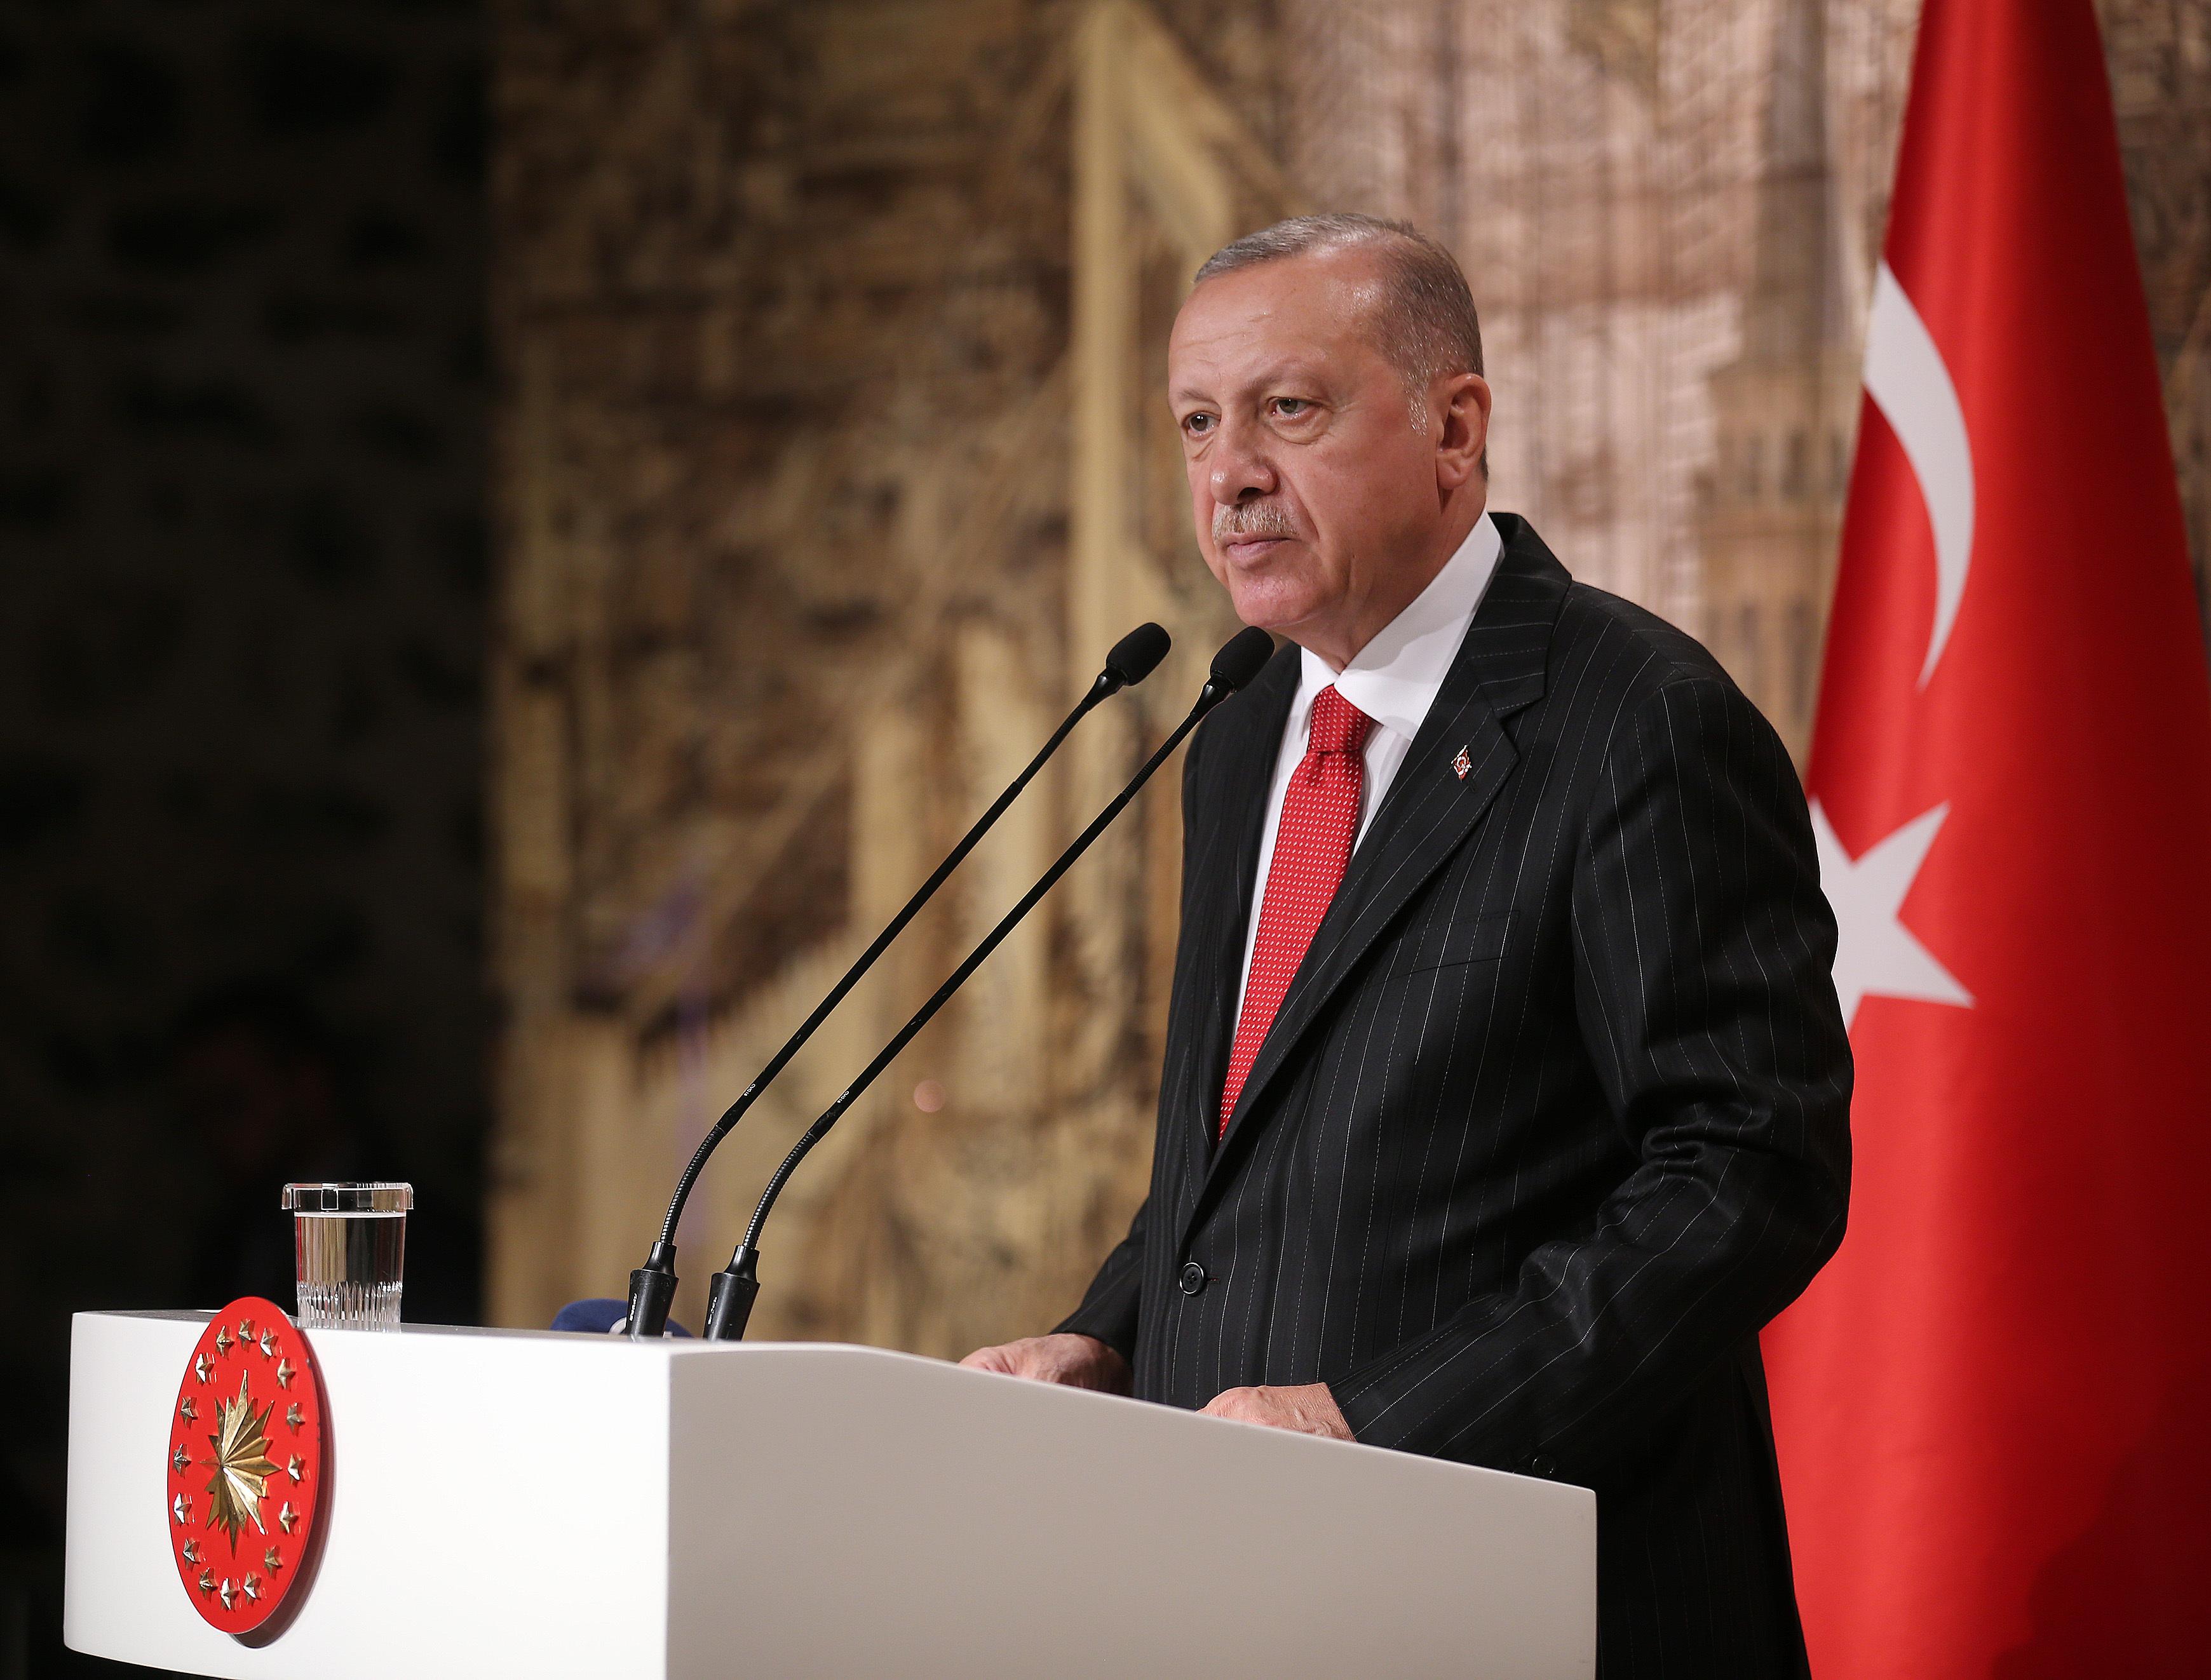 """Syrie: après un entretien avec Poutine, Erdogan fait état d'un """"accord historique"""" – BFMTV.COM"""